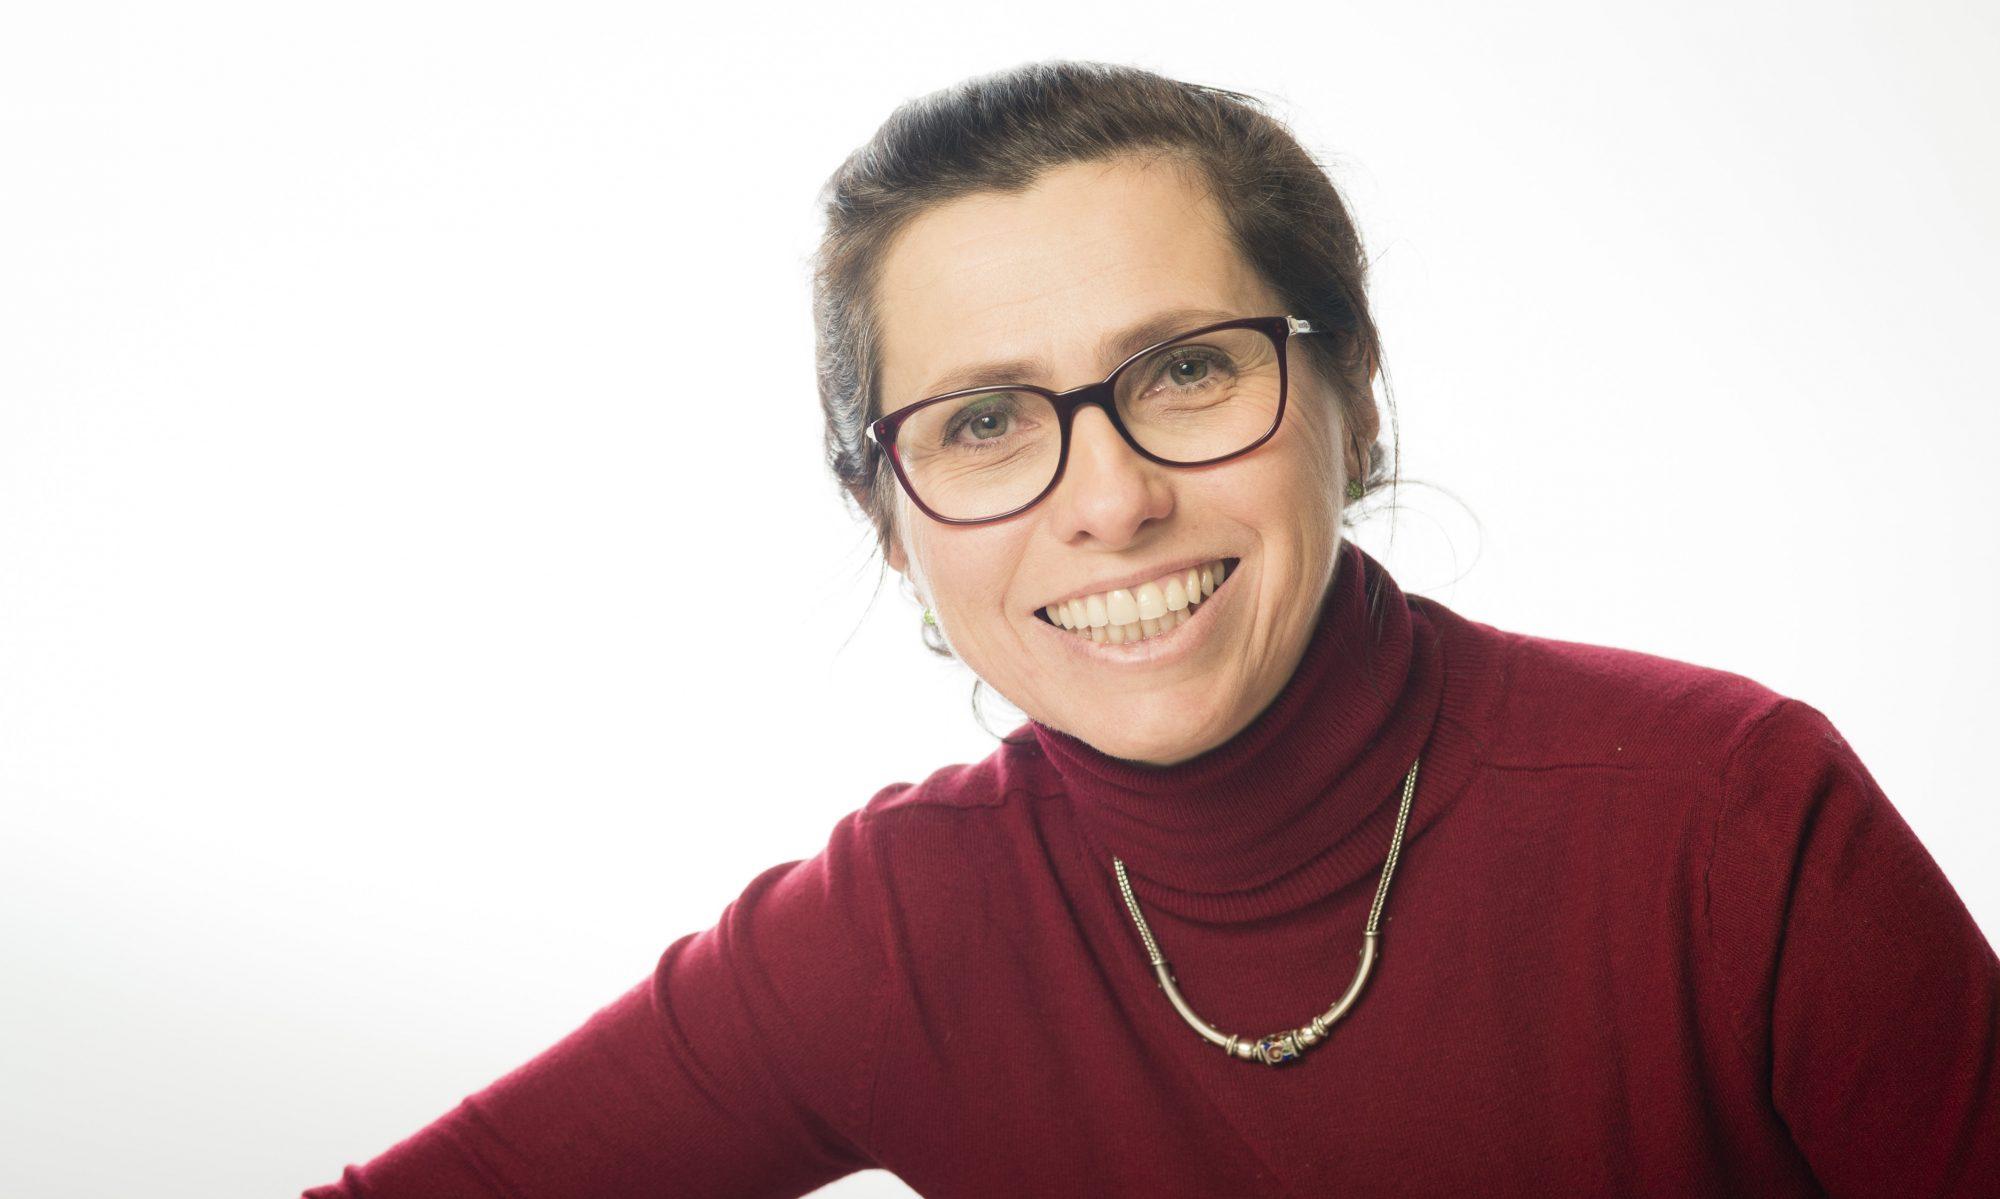 Chiara Lombardini